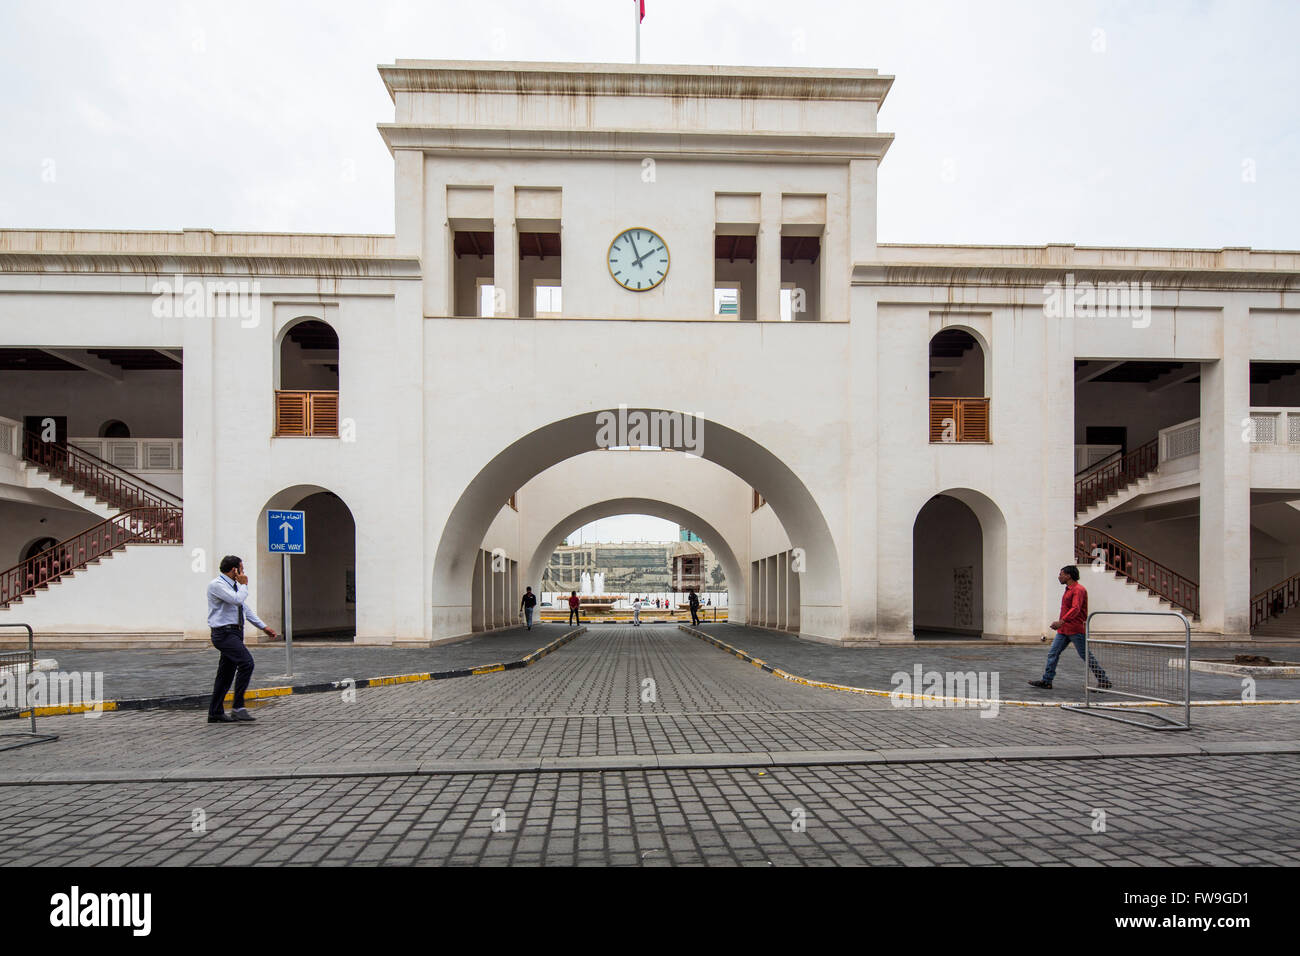 Bab Al Bahrain ad arco, Manama, Bahrain Immagini Stock